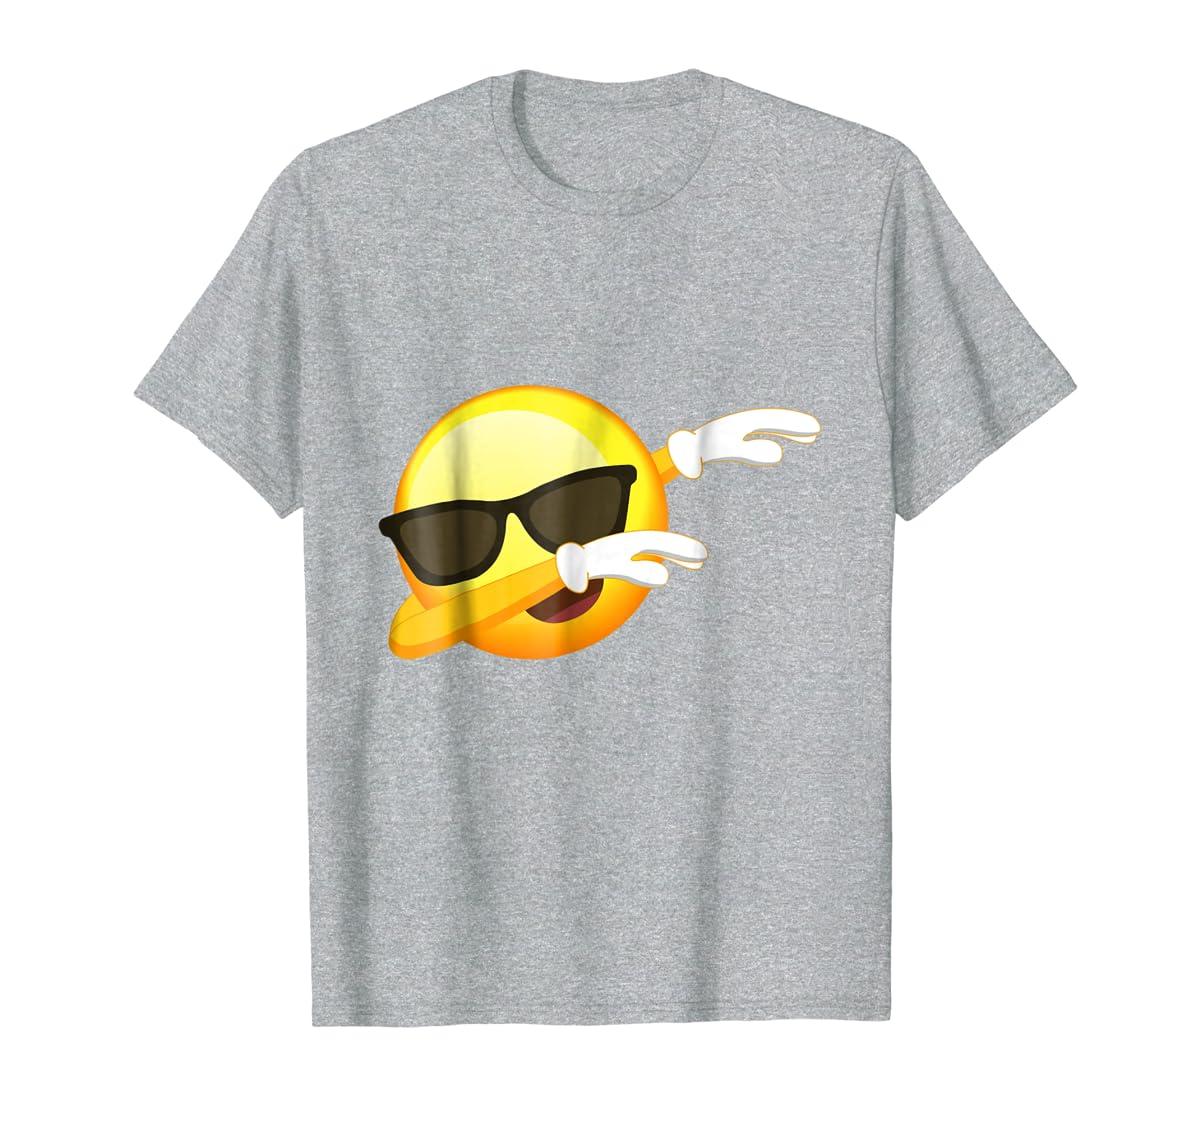 Funny Dabbing Emoji Shirt - Cool Emoji Dab T-Shirt-Men's T-Shirt-Sport Grey